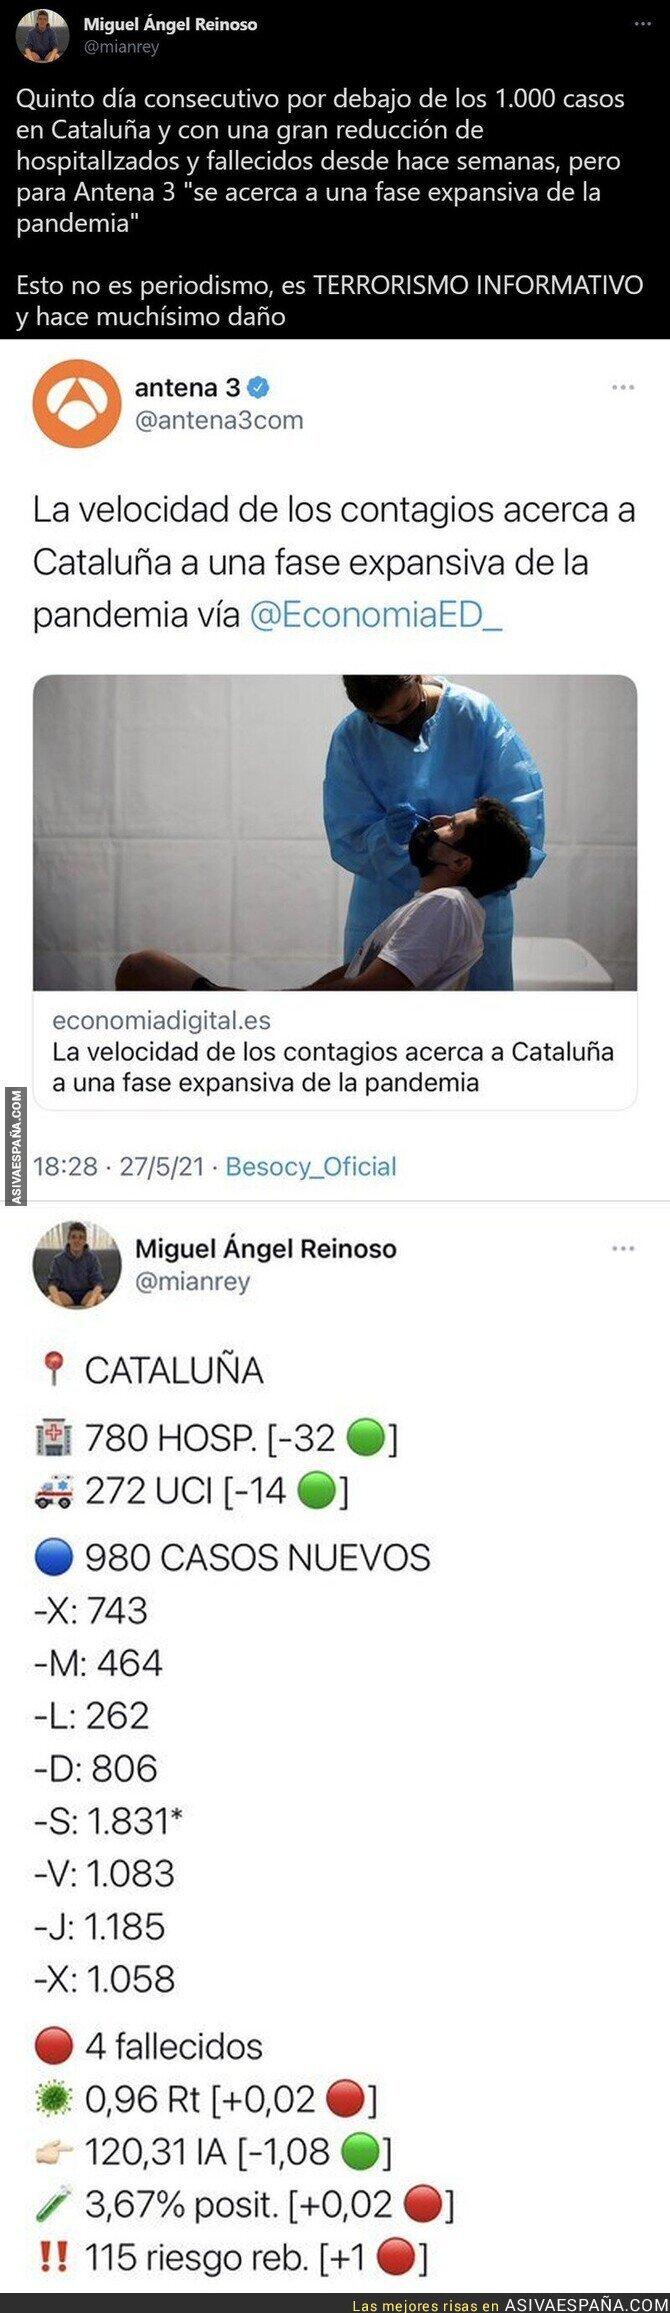 781070 - Así alarma Antena 3 innecesariamente sobre la pandemia en Catalunya